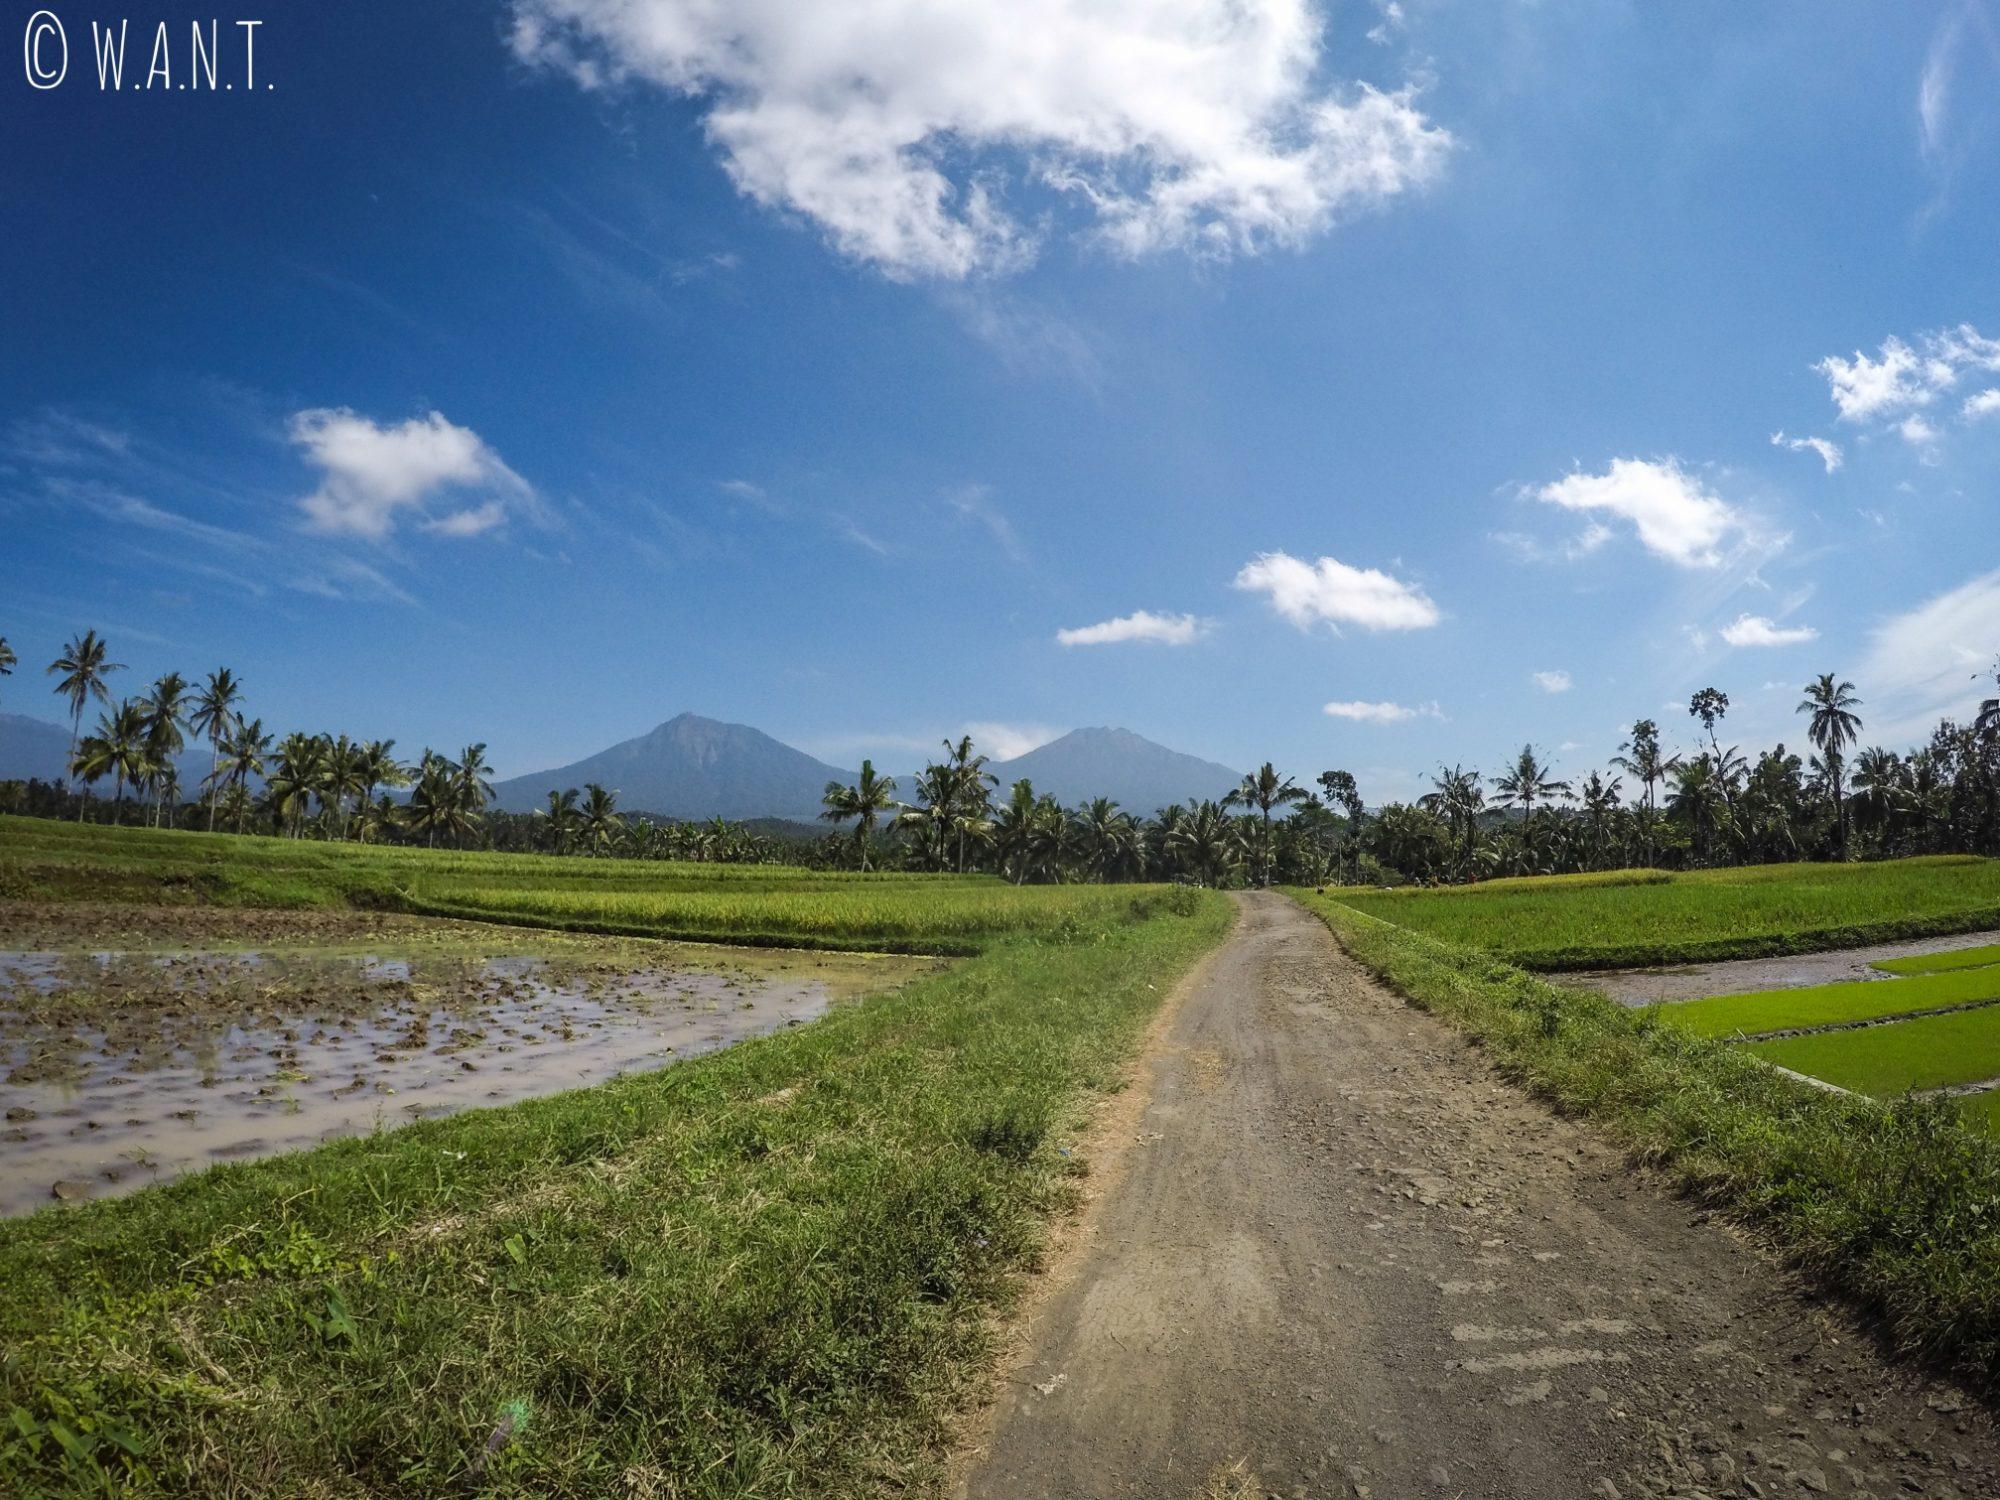 Paysage les volcans dont le Kawah Ijen depuis la route menant au village de Licin